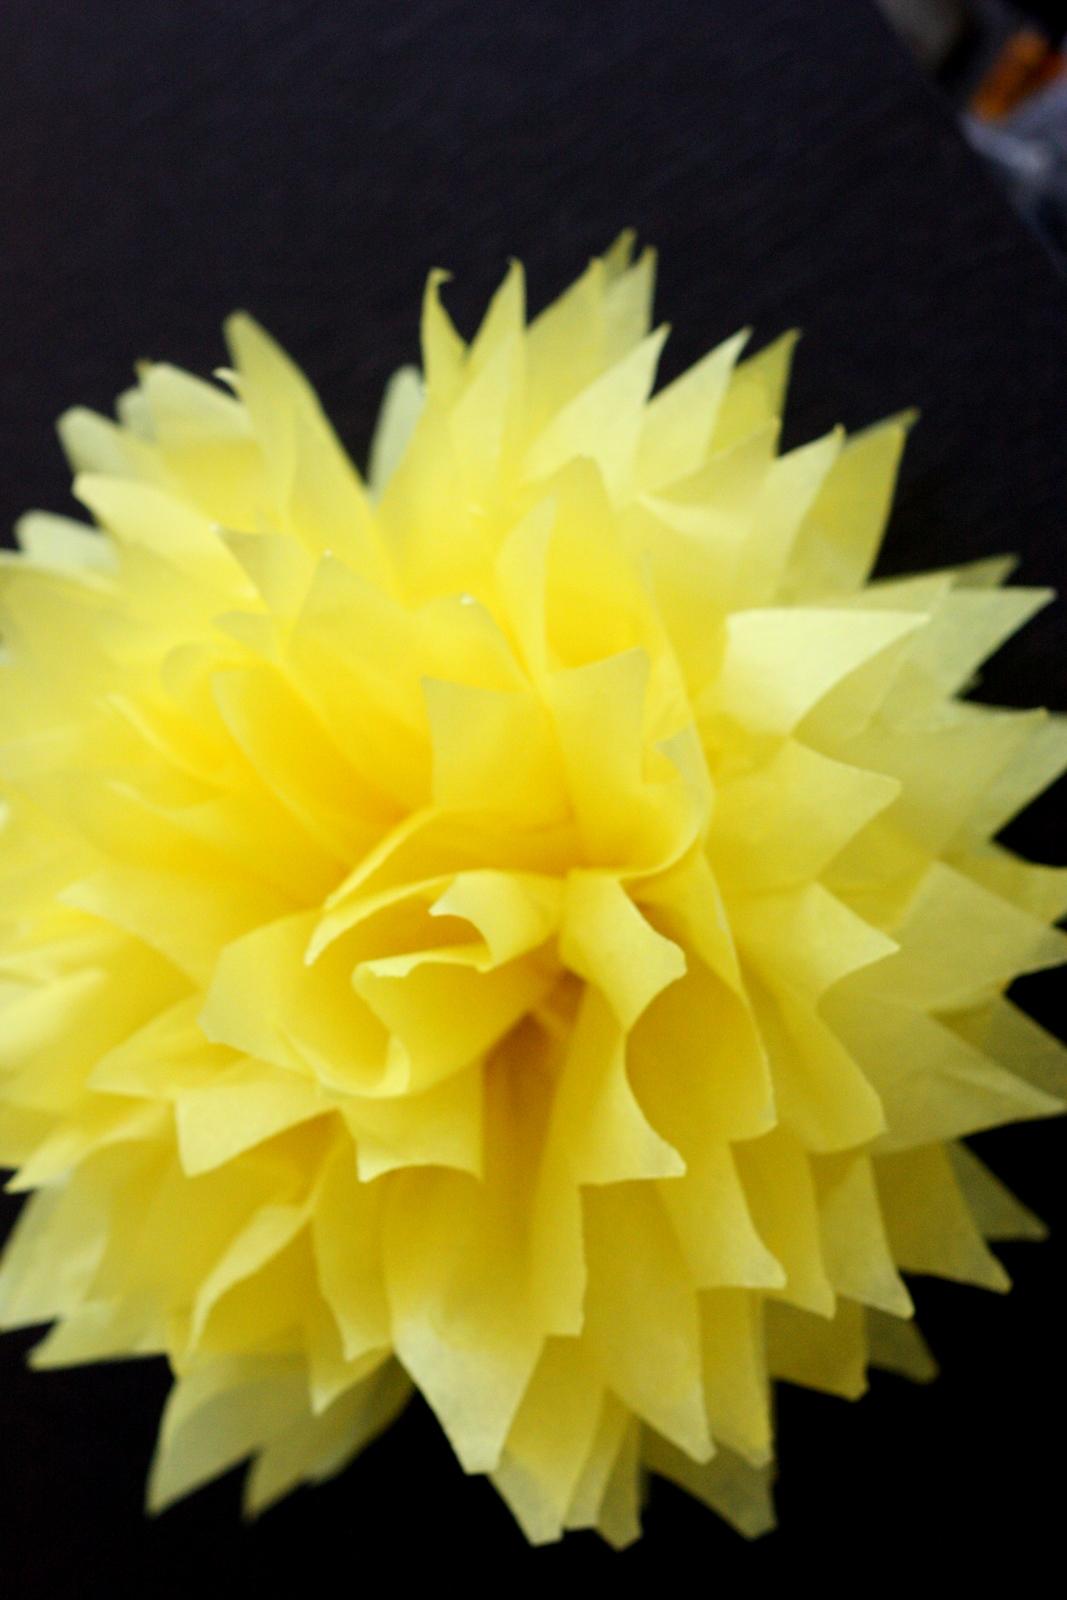 Baking Love Diy Tissue Paper Flowerspom Poms And Girl Crushing